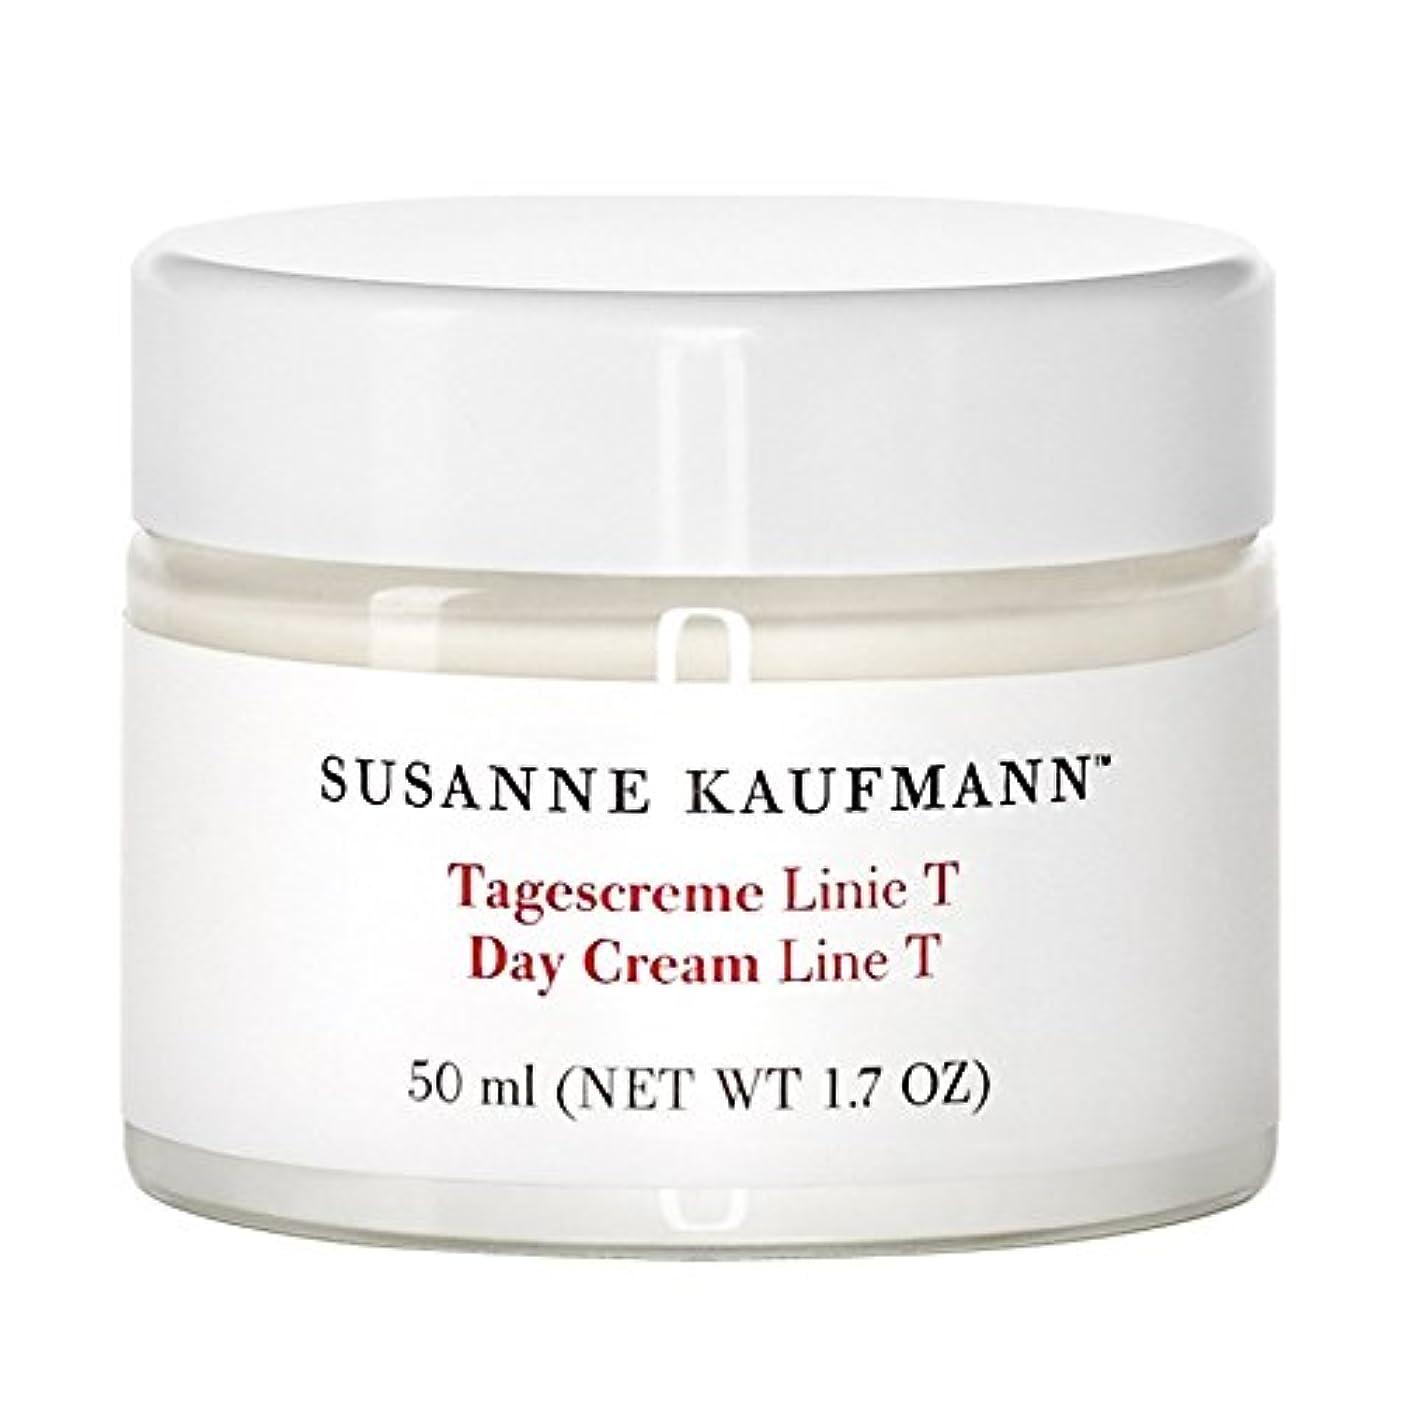 ランダムピッチ甘やかすSusanne Kaufmann Day Cream Line T 50ml - スザンヌカウフマン日クリームライントンの50ミリリットル [並行輸入品]